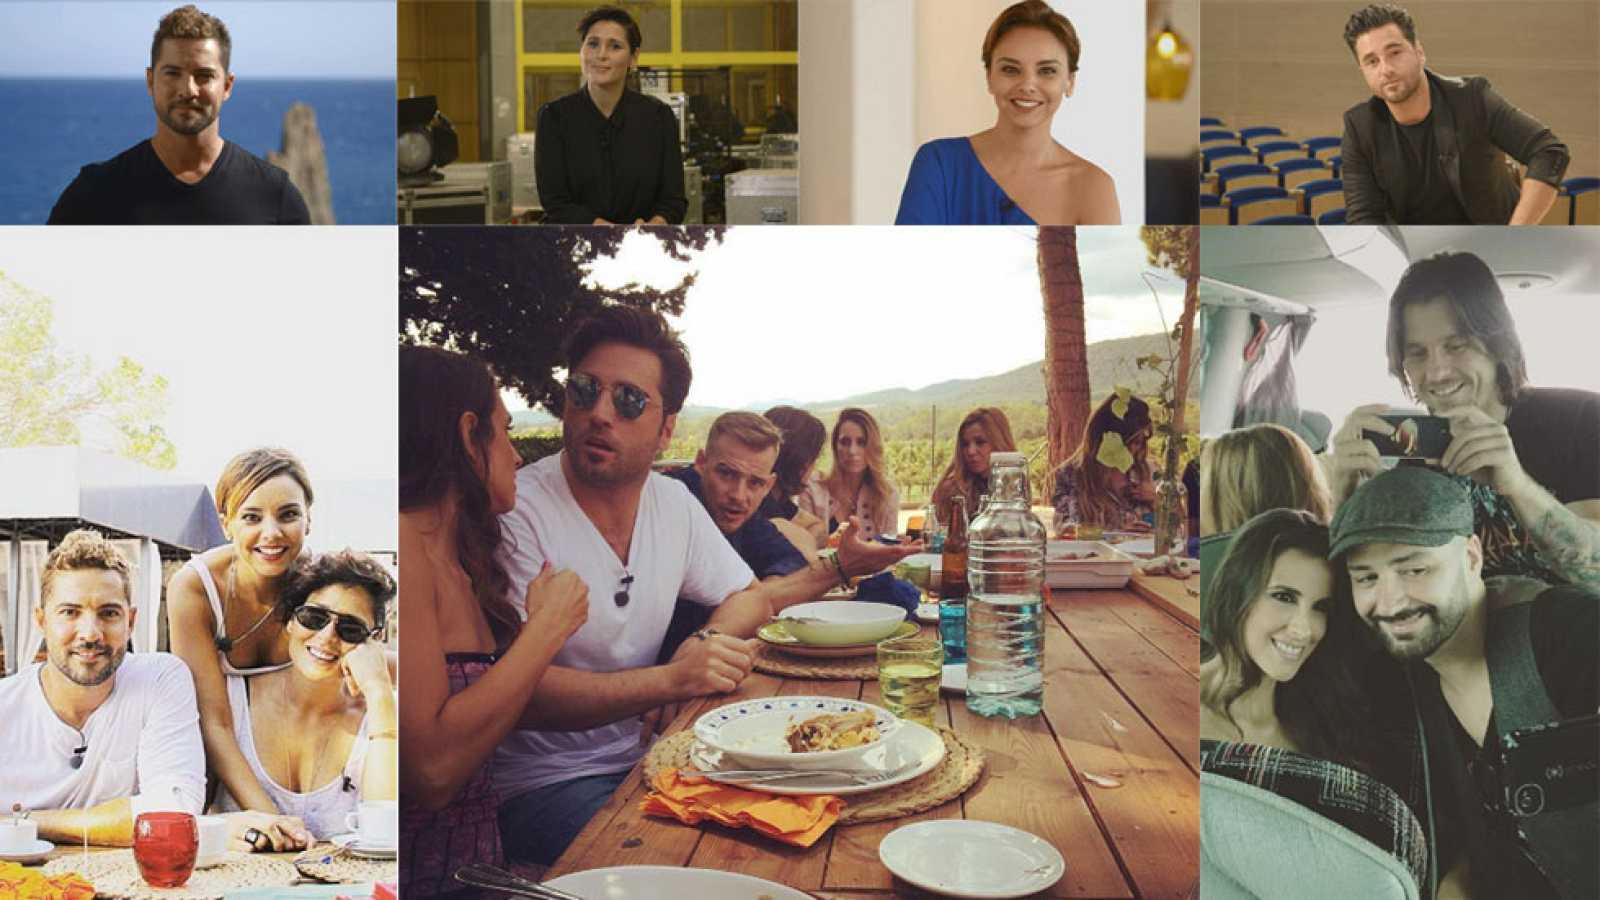 Los exconcursantes de Operación Triunfo 1 han colgado en las redes sociales fotos del reencuentro que tuvieron la pasada semana en Barcelona dentro de la grabación de tres documentales con motivo del 15 aniversario de OT. Además, han valorado qué ha